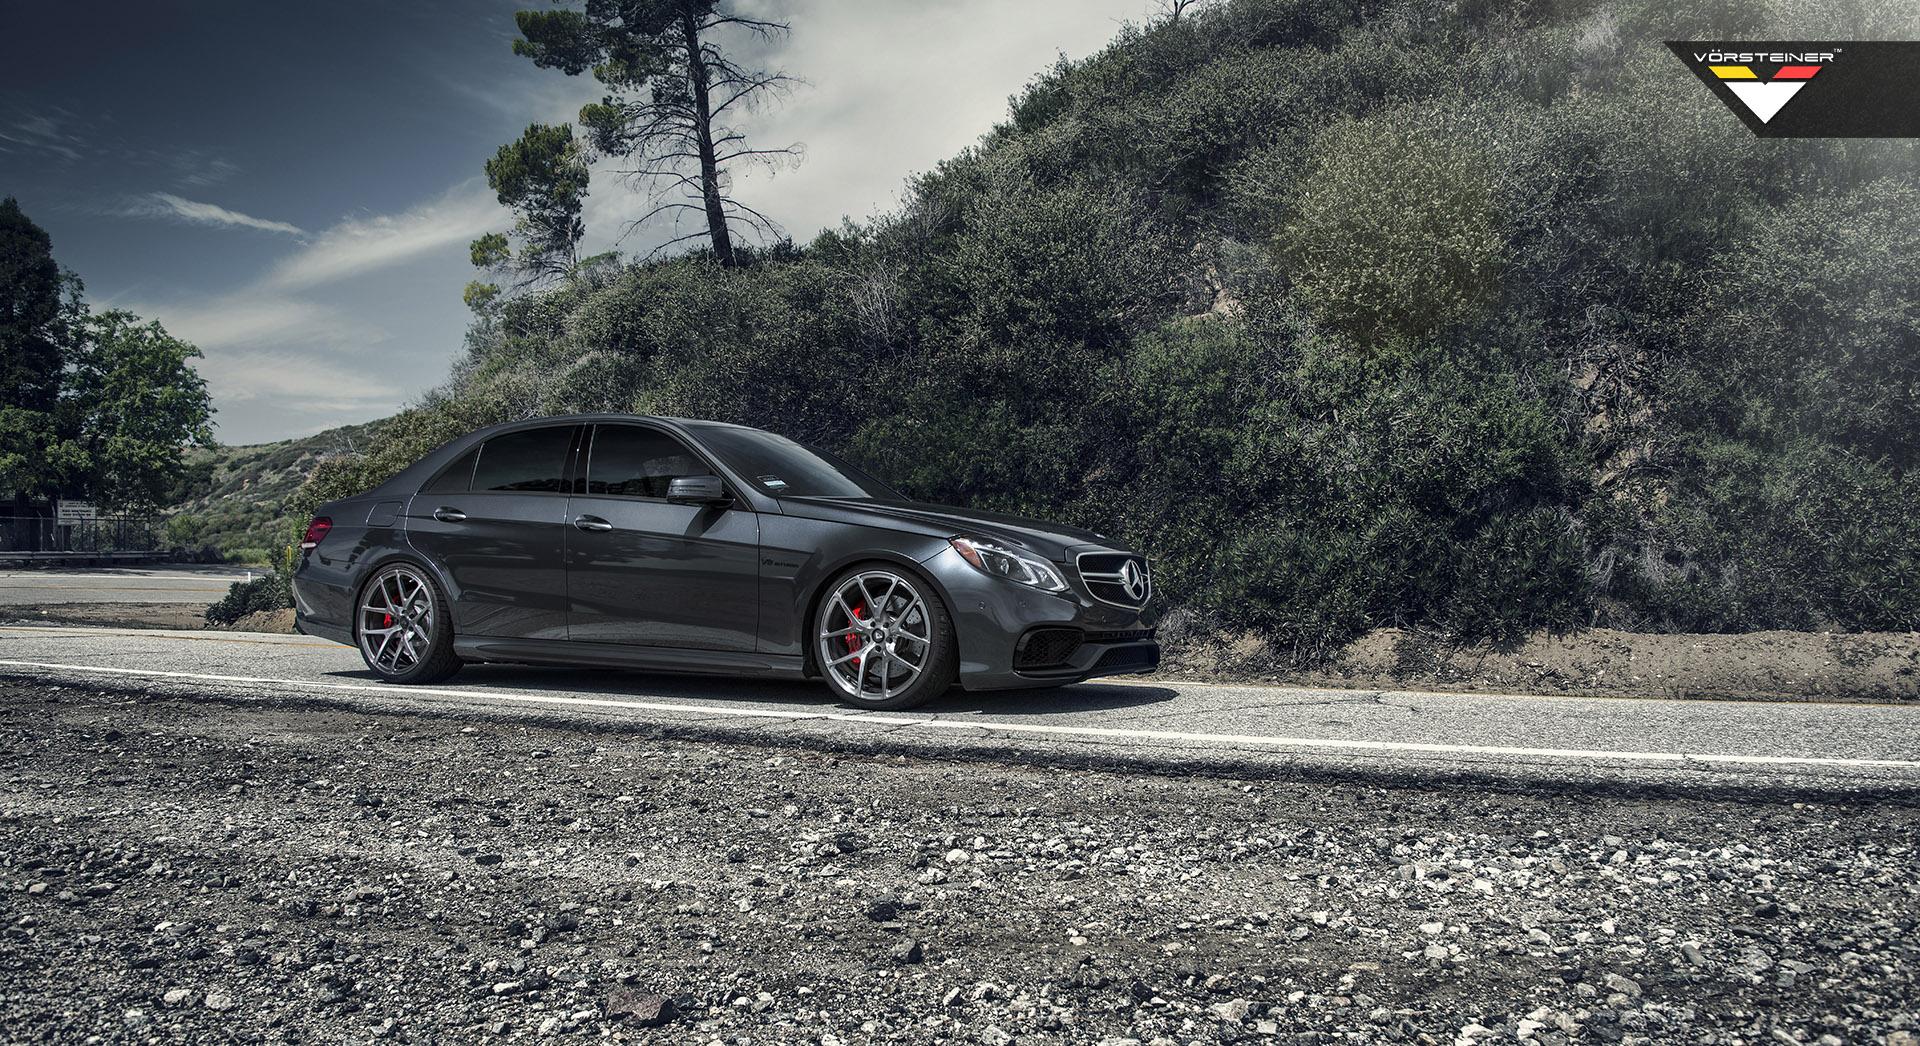 ... 2014 Vorsteiner Mercedes-Benz E63 AMG S 4Matic, ...